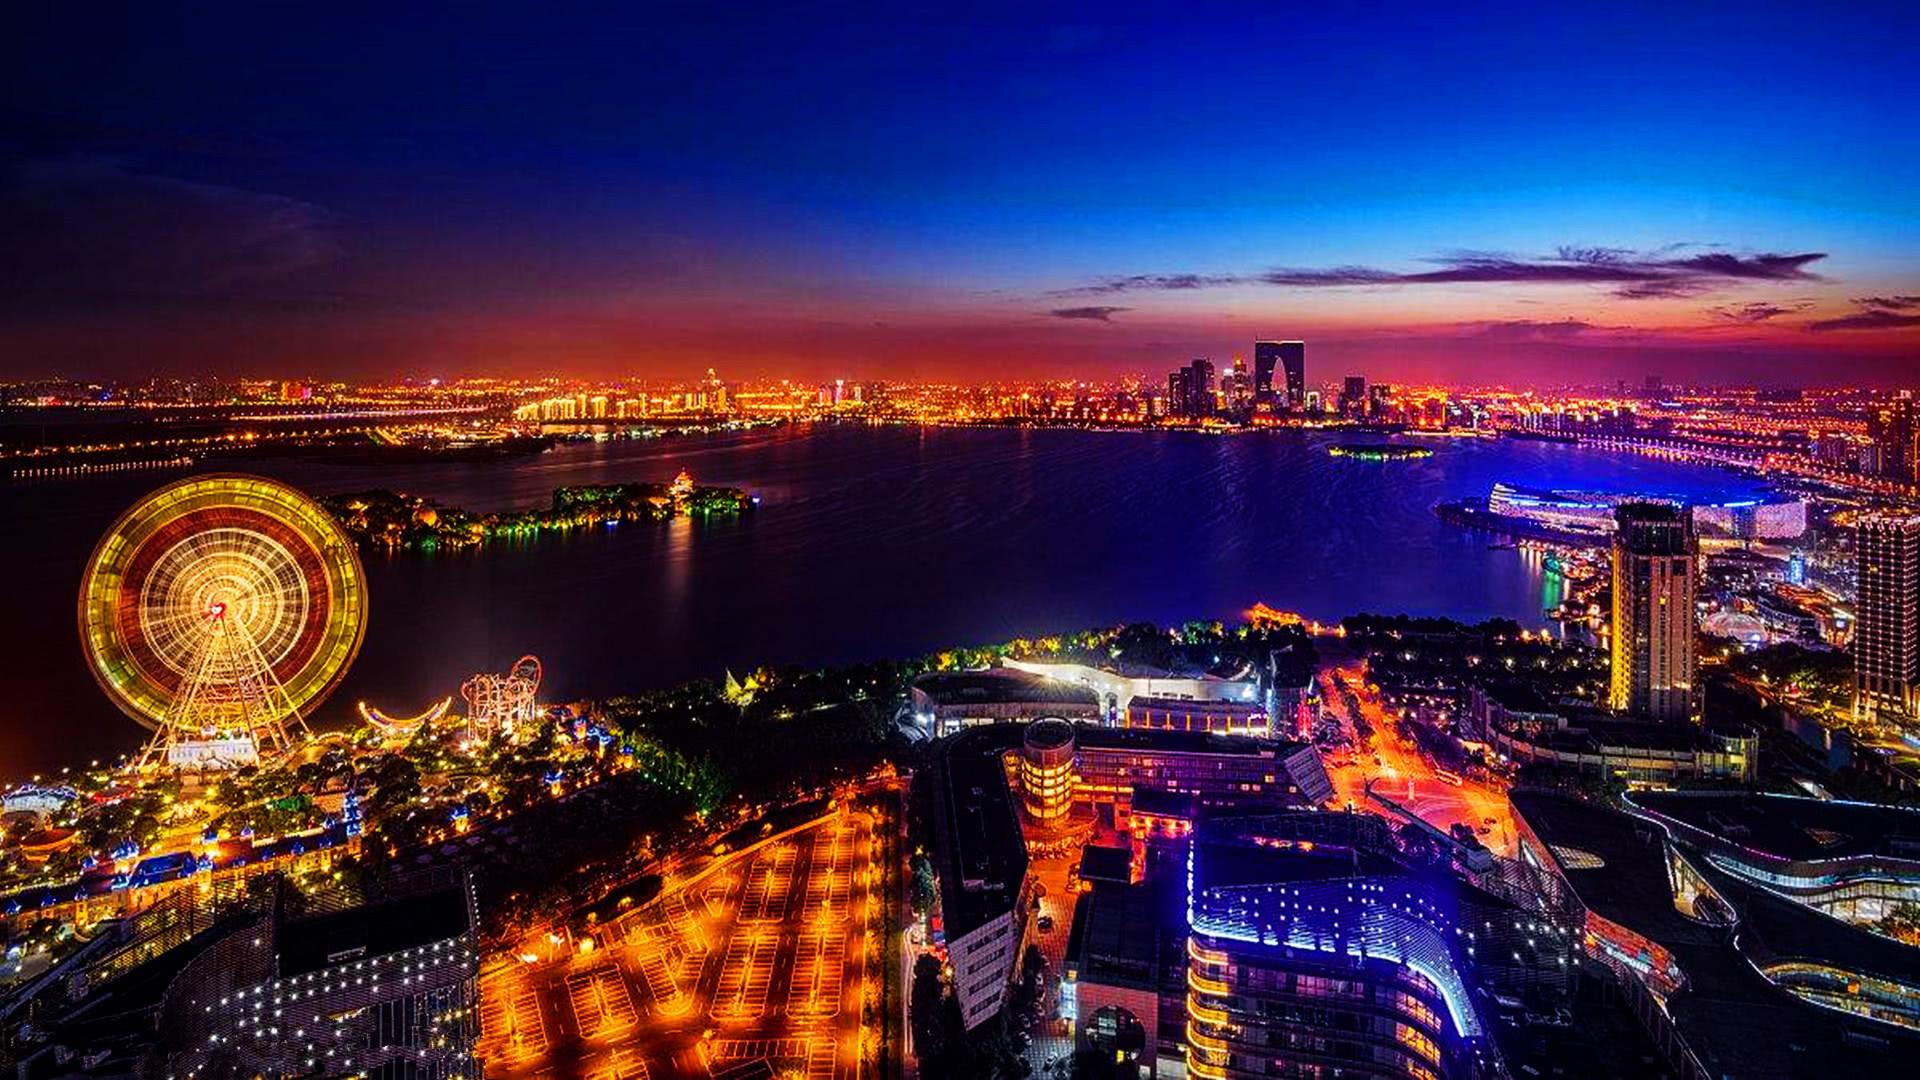 靖江人均gdp_盘点国内人均GDP最好的五个省份, 江苏第一, 广东仅排第四